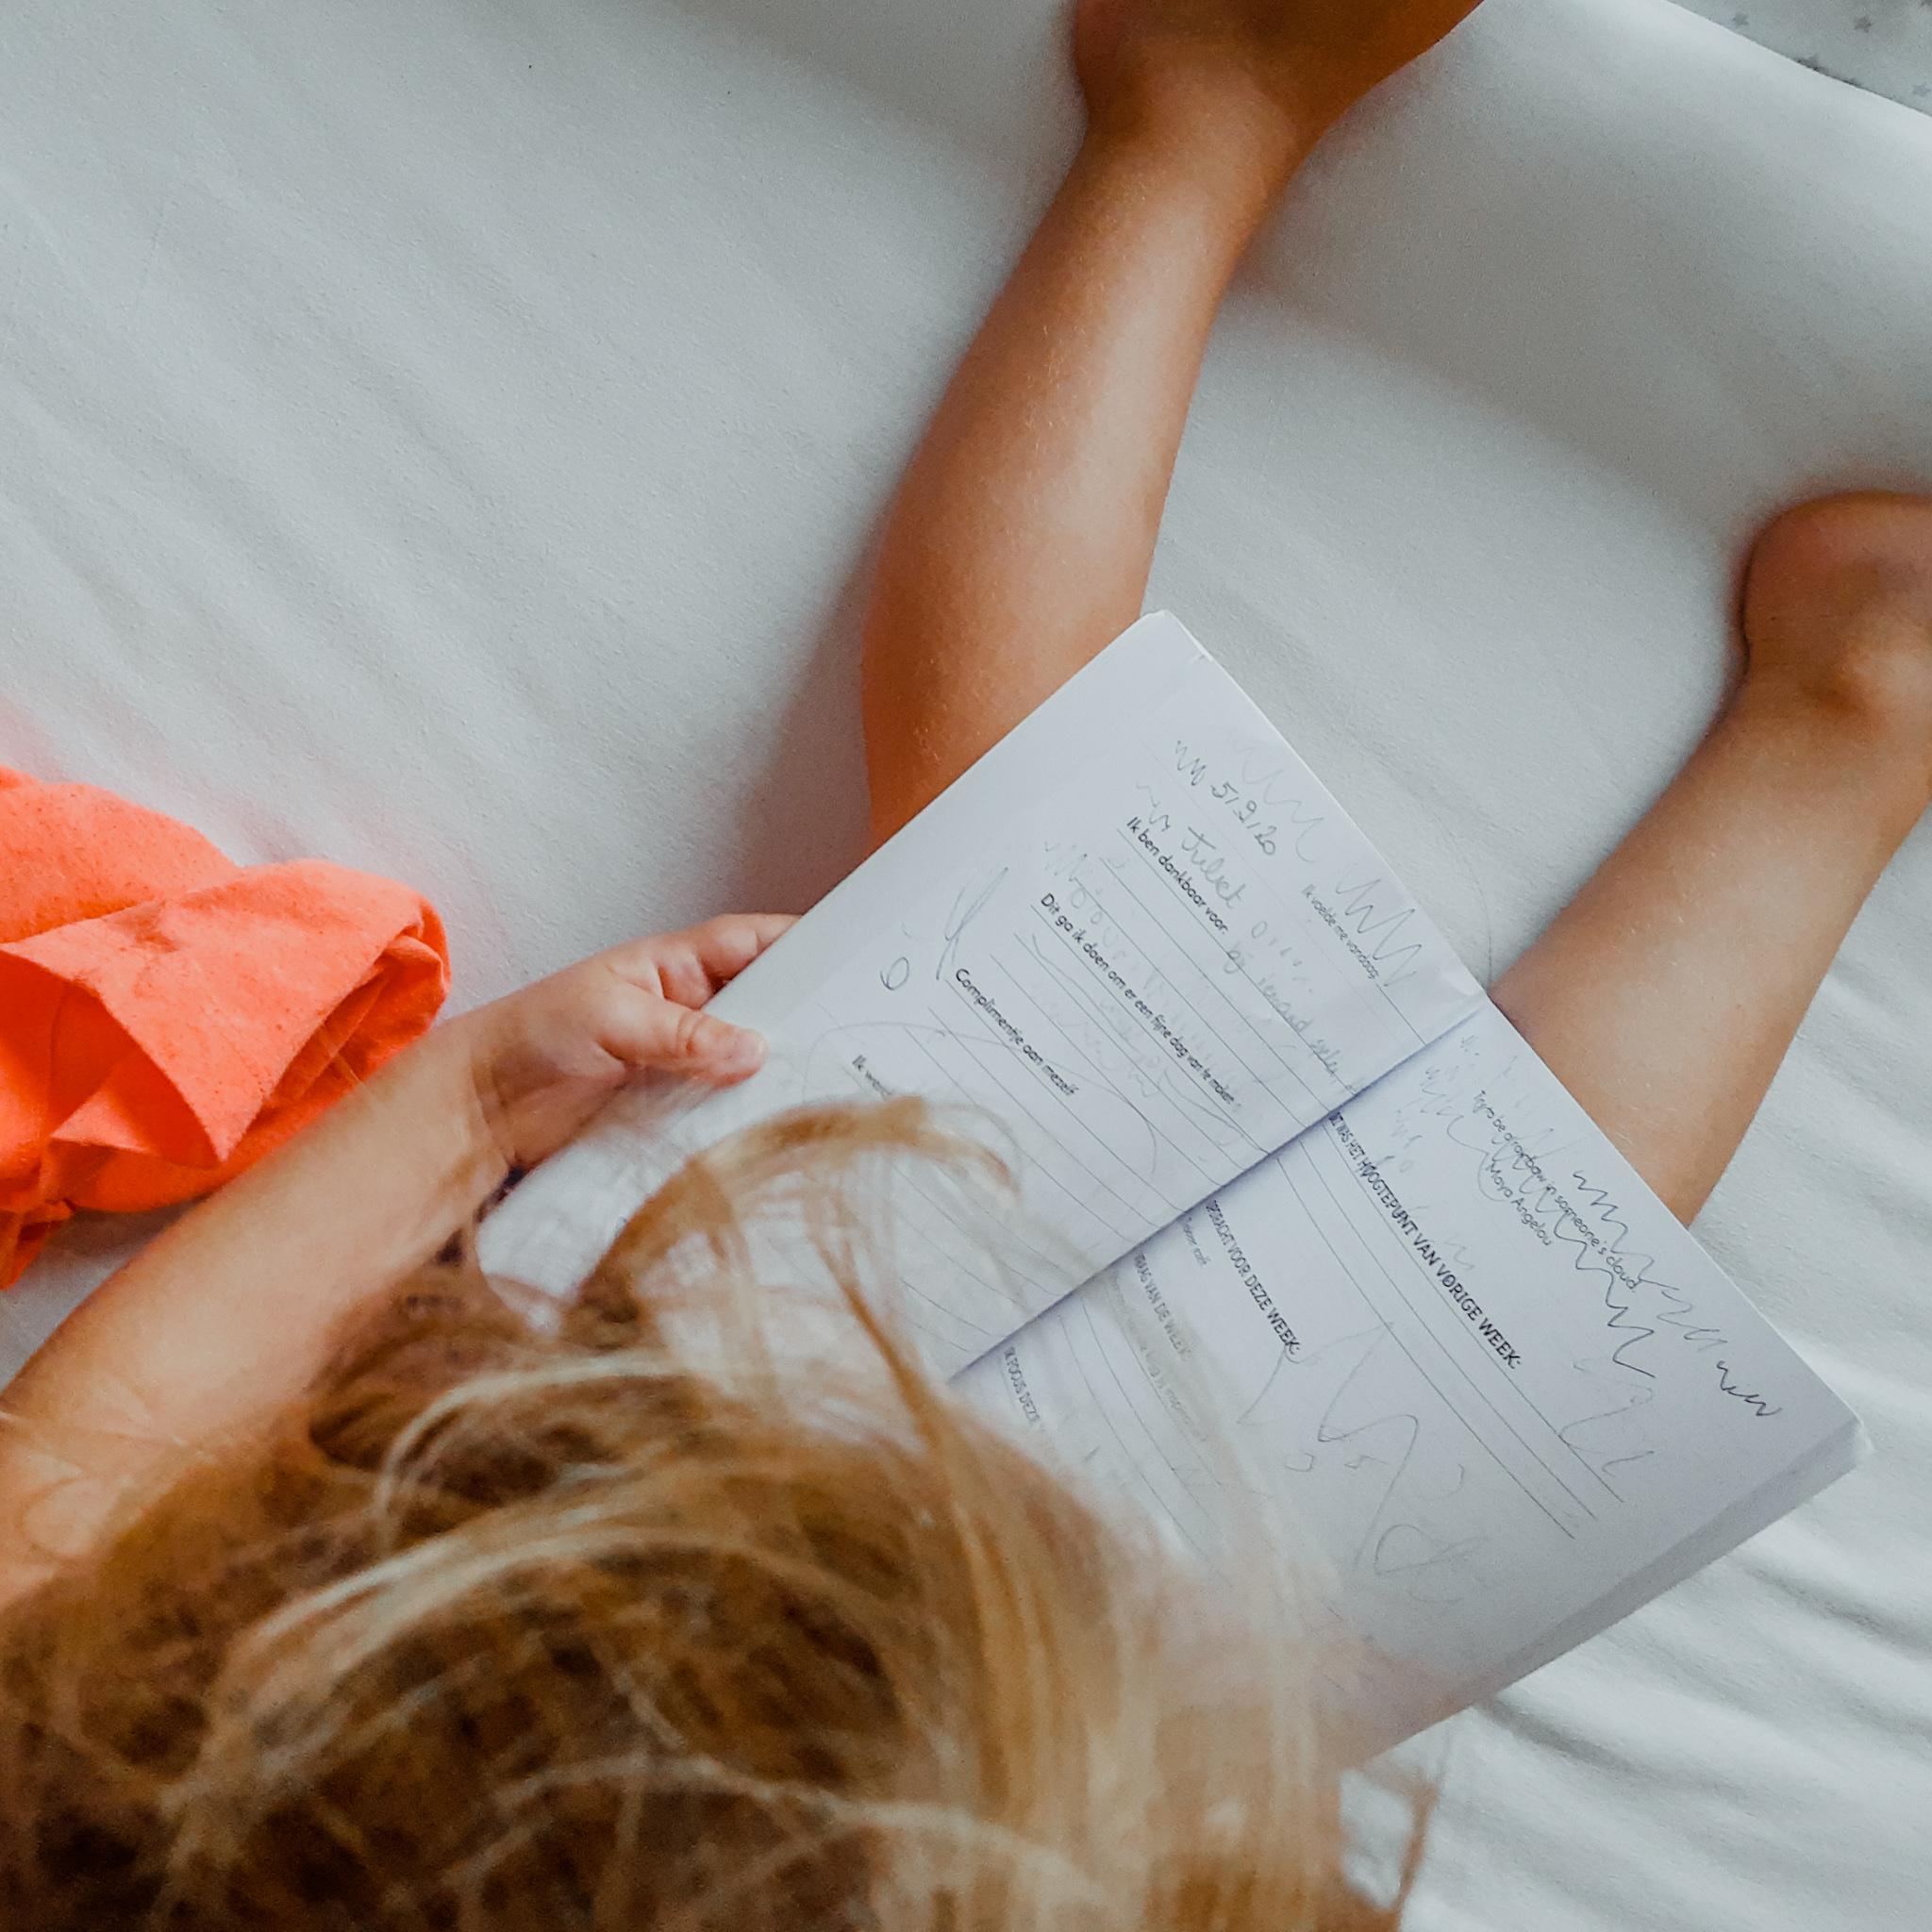 Dankbaarheidsoefening met (jonge) kinderen